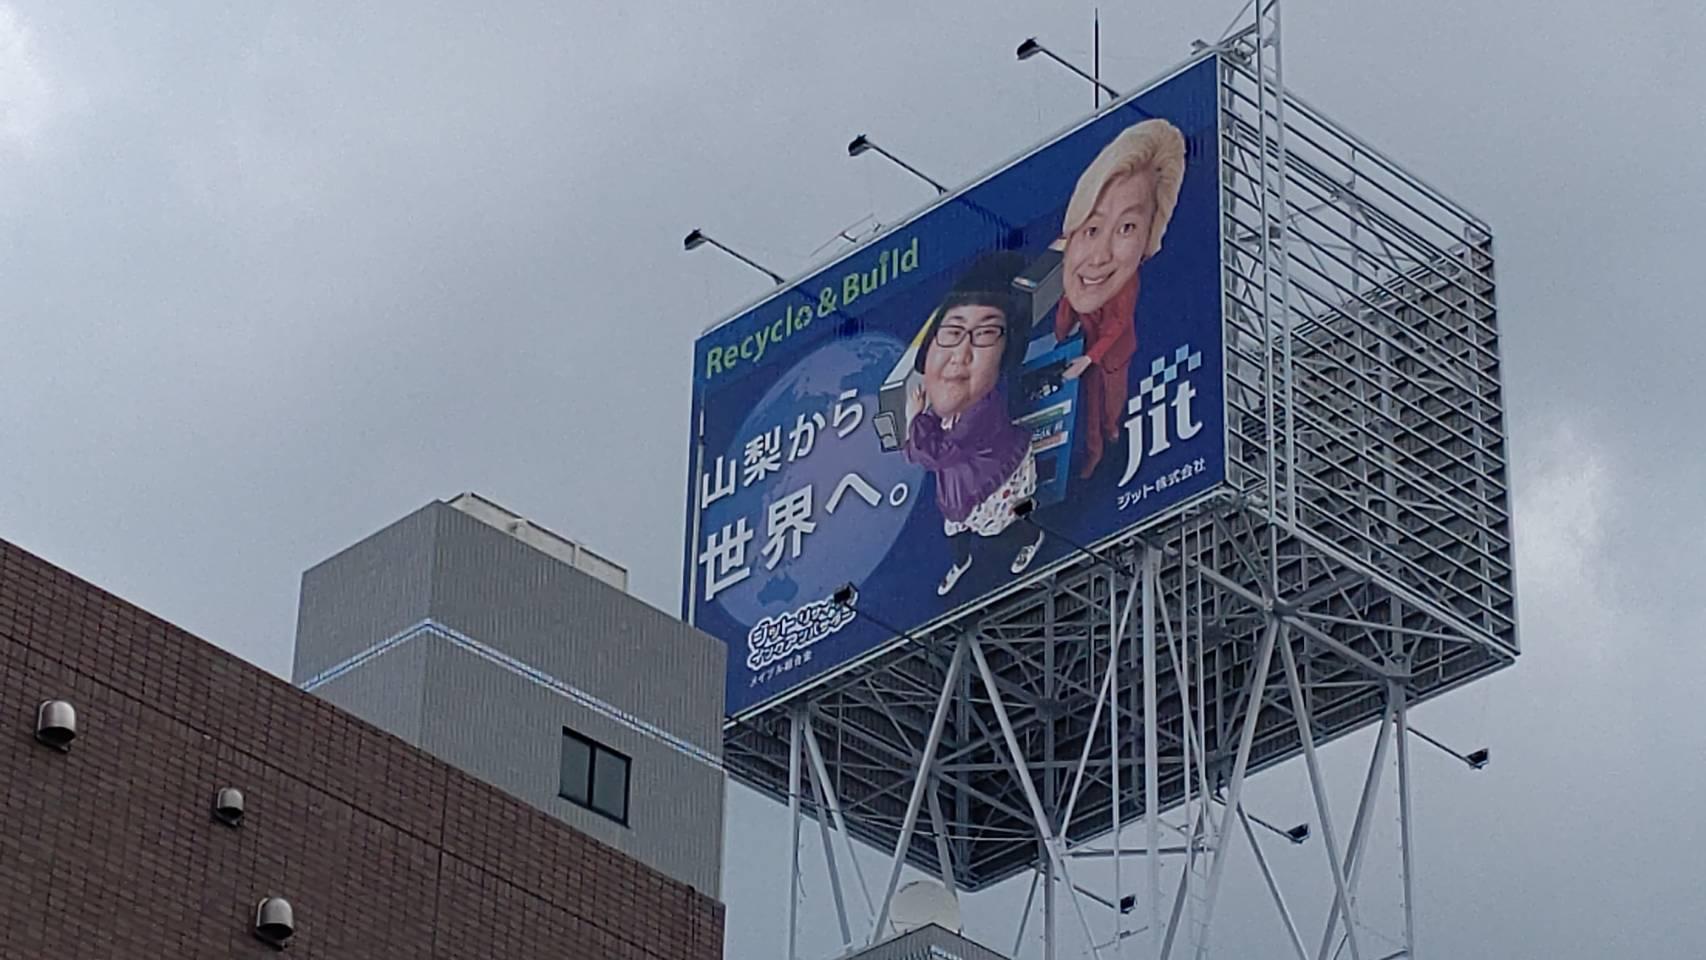 東京都杉並区下高井戸屋上看板